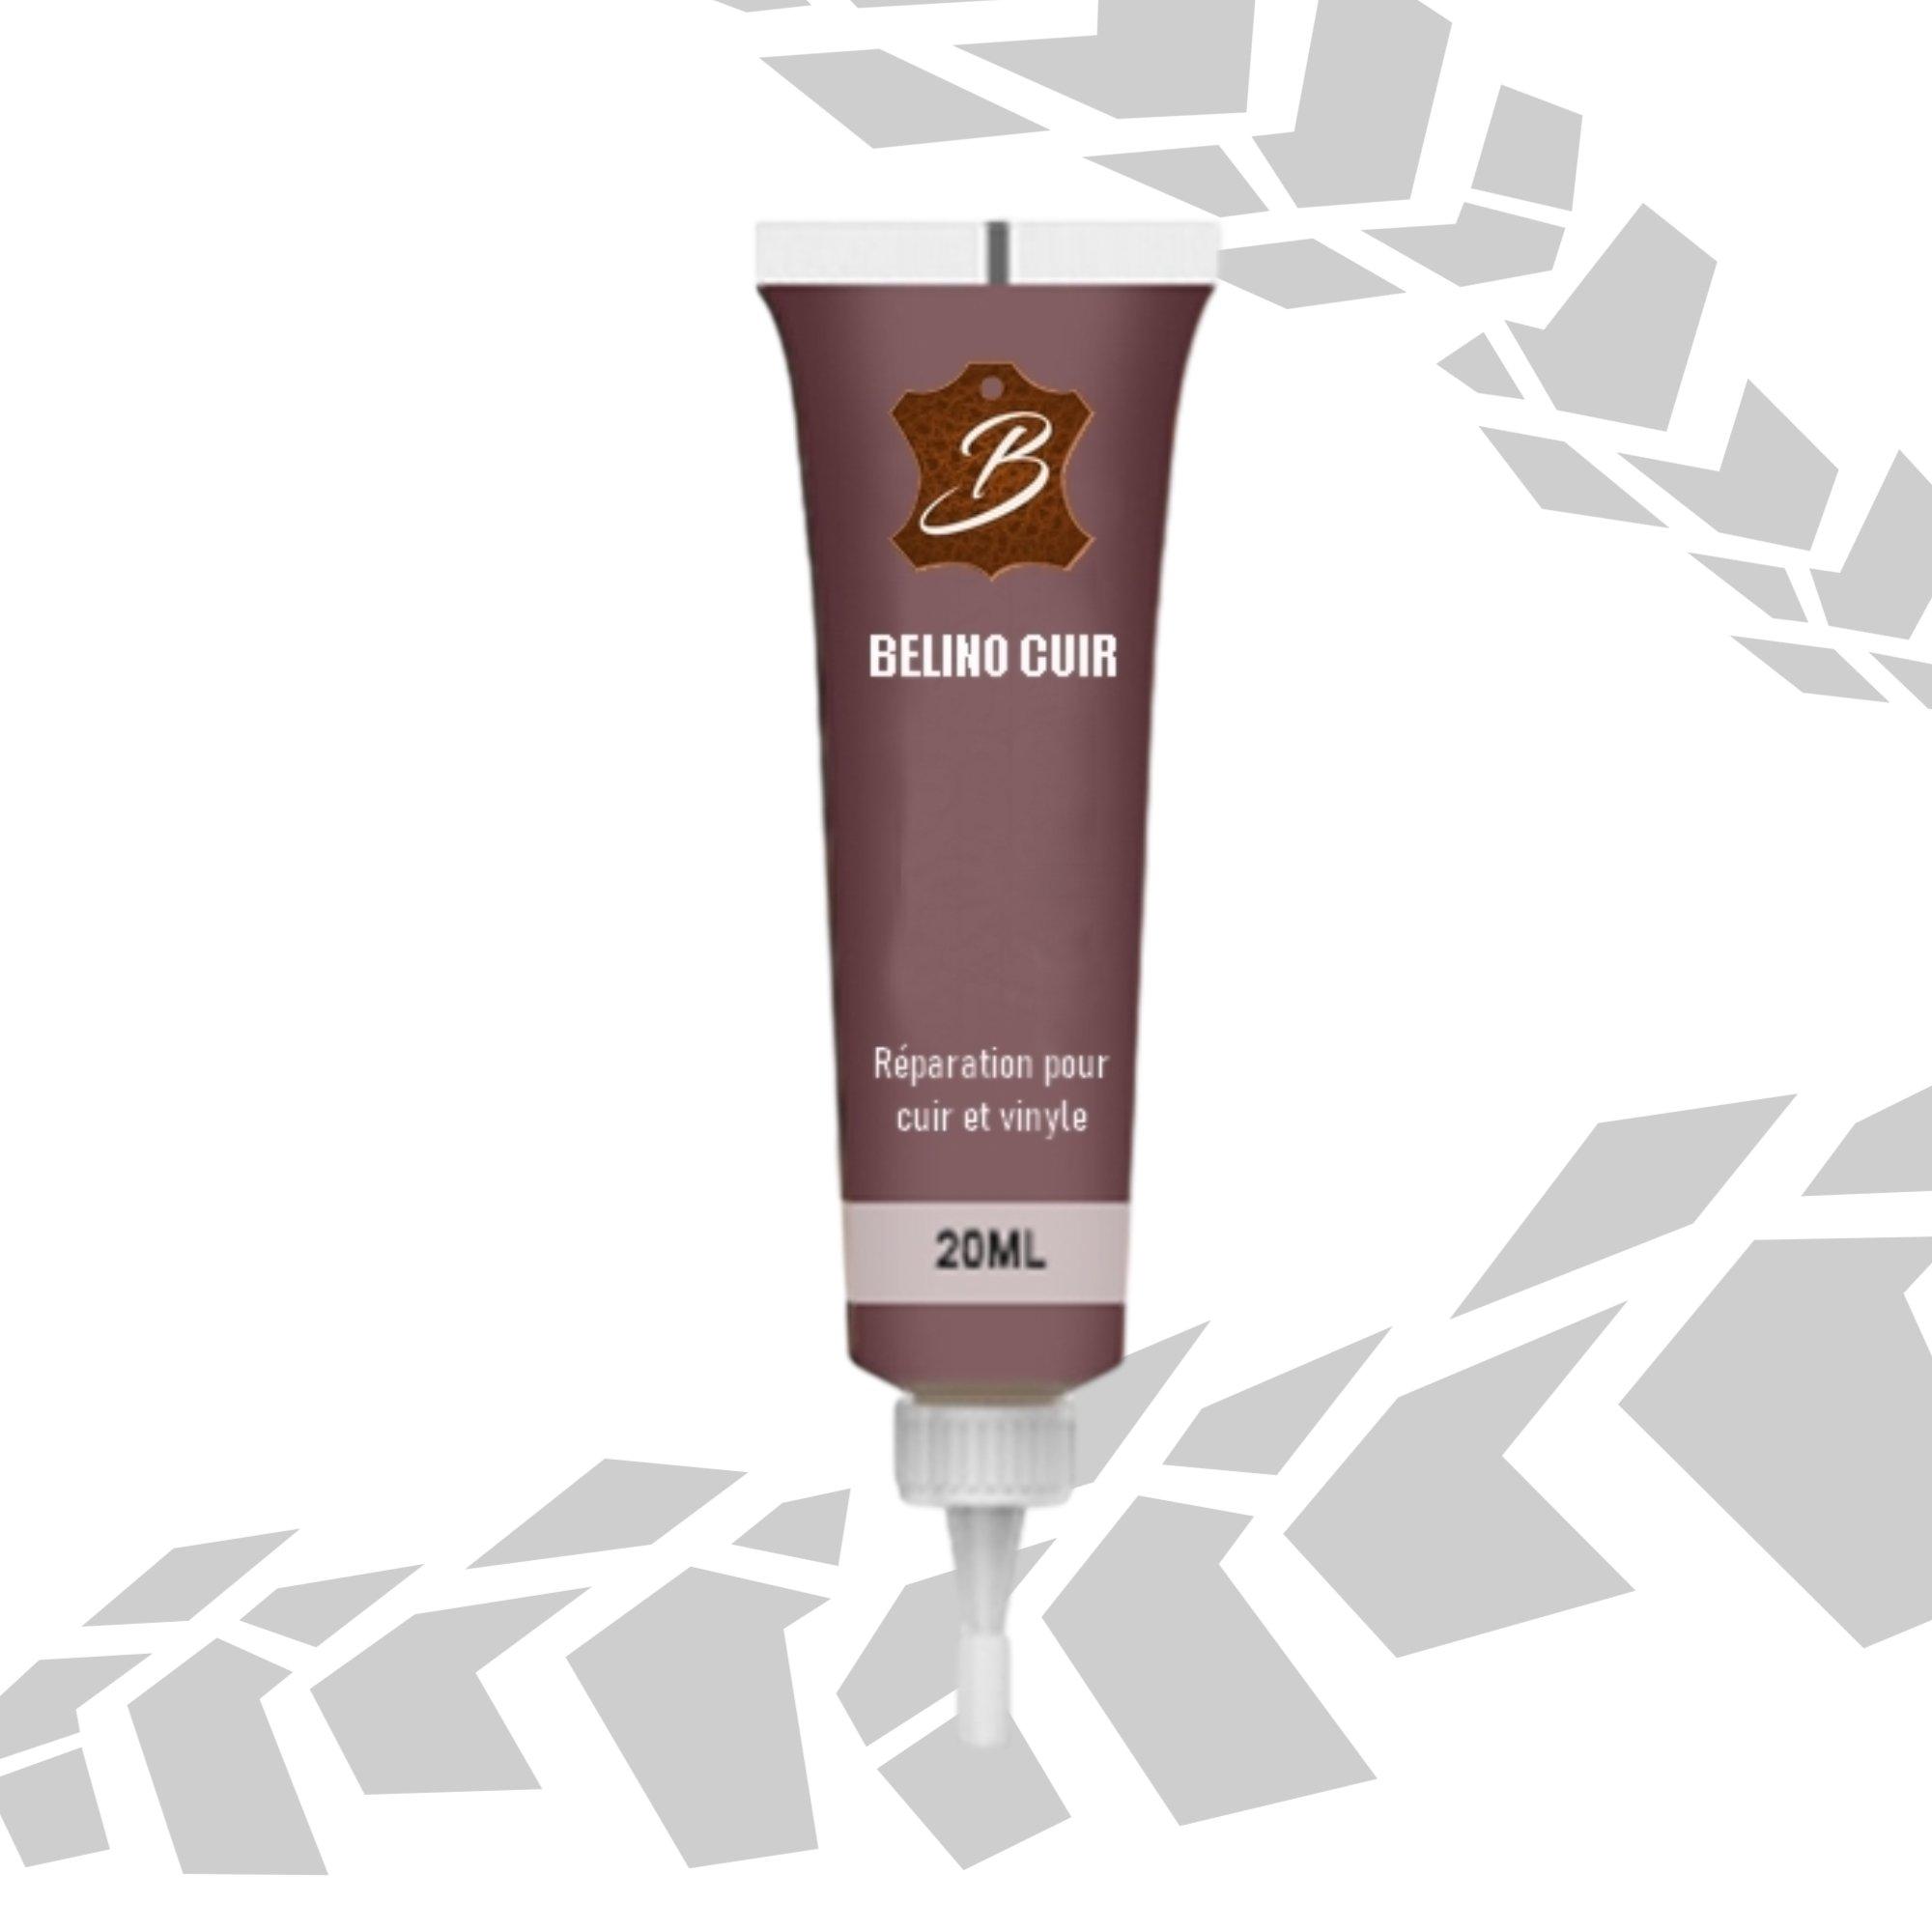 Cuir liquide pour réparation belino-cuir